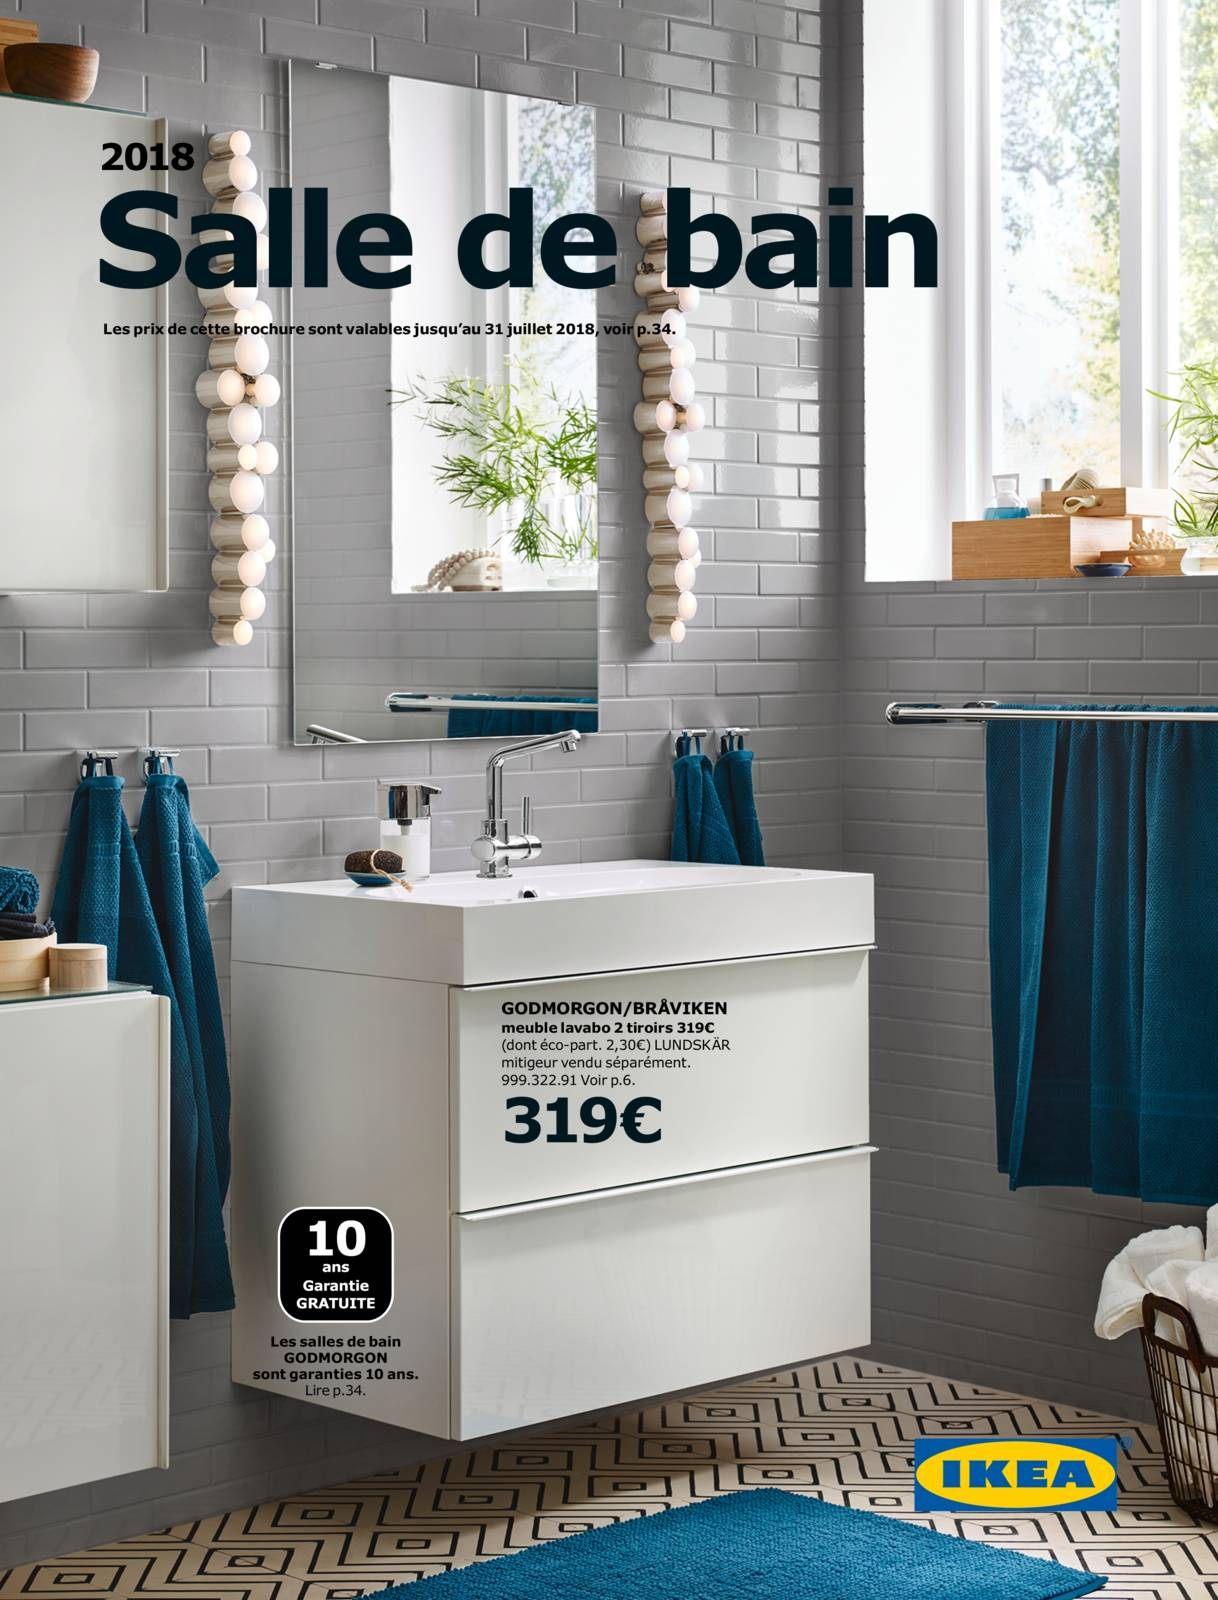 Ikea Vasque Salle De Bain Unique Photographie Ikea Salle De Bain Meuble Frais Ikea Meuble sous Vasque Salle De